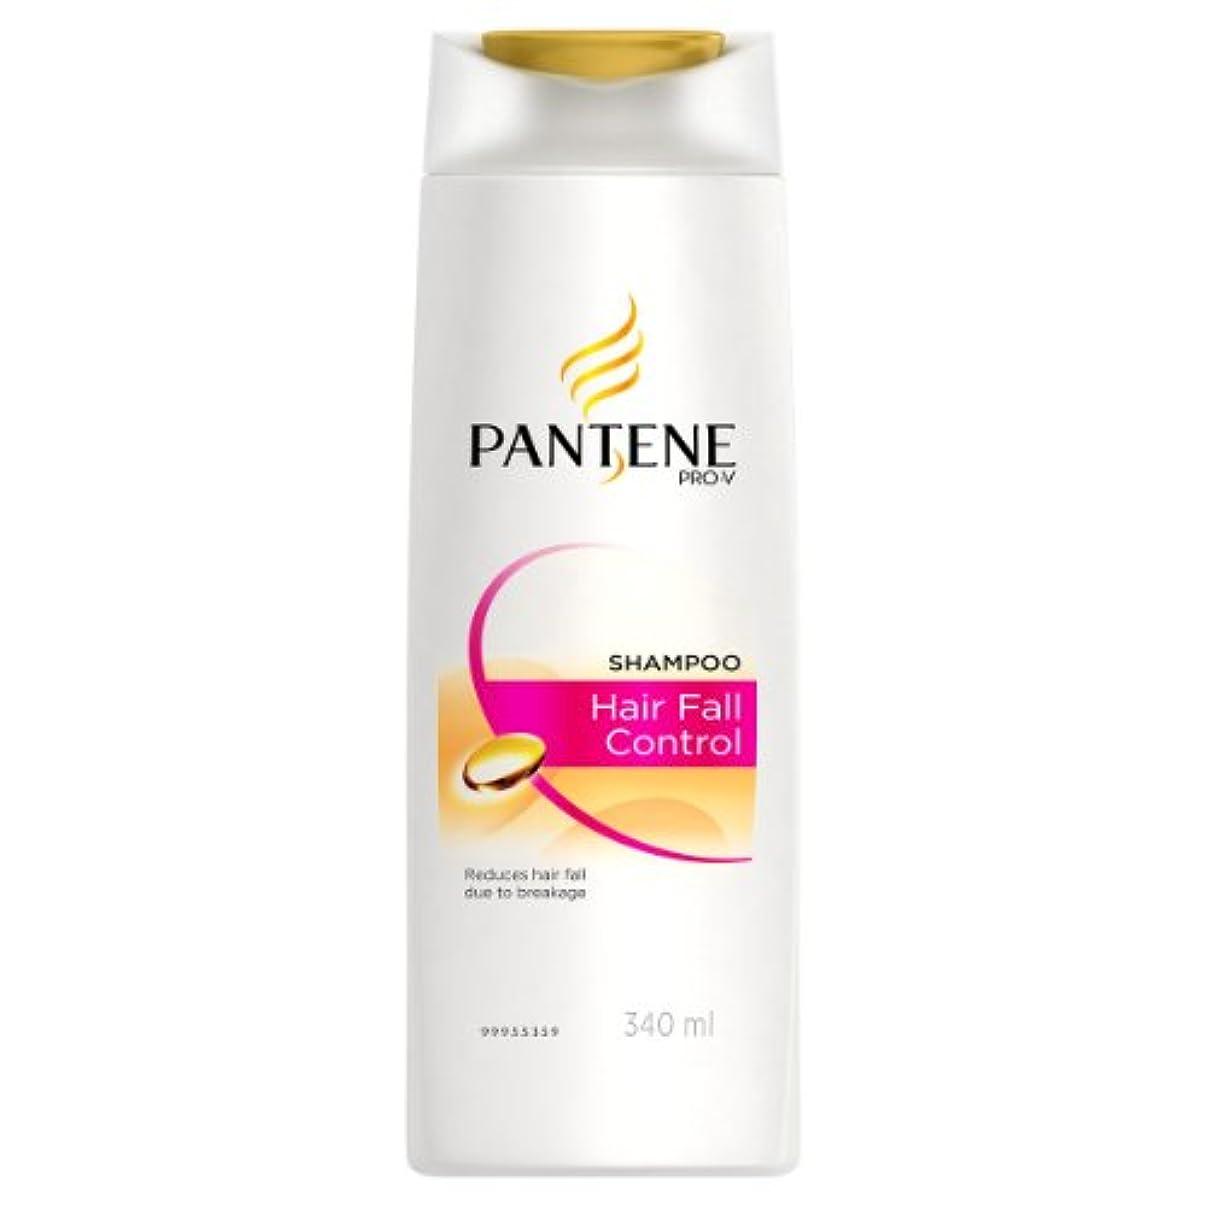 台風コマース現金PANTENE Hair Fall control SHAMPOO 340 ml (PANTENEヘアフォールコントロールシャンプー340ml)